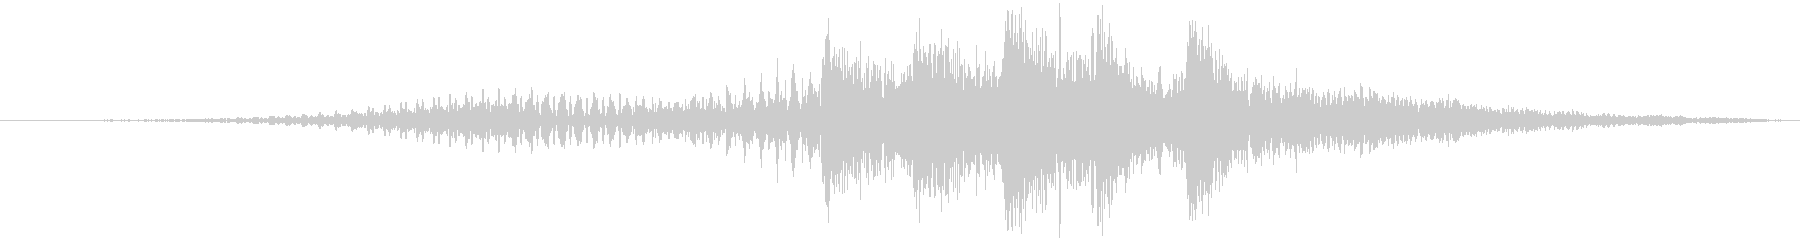 サウンドロゴ 2秒 電子 機械 企業の未再生の波形